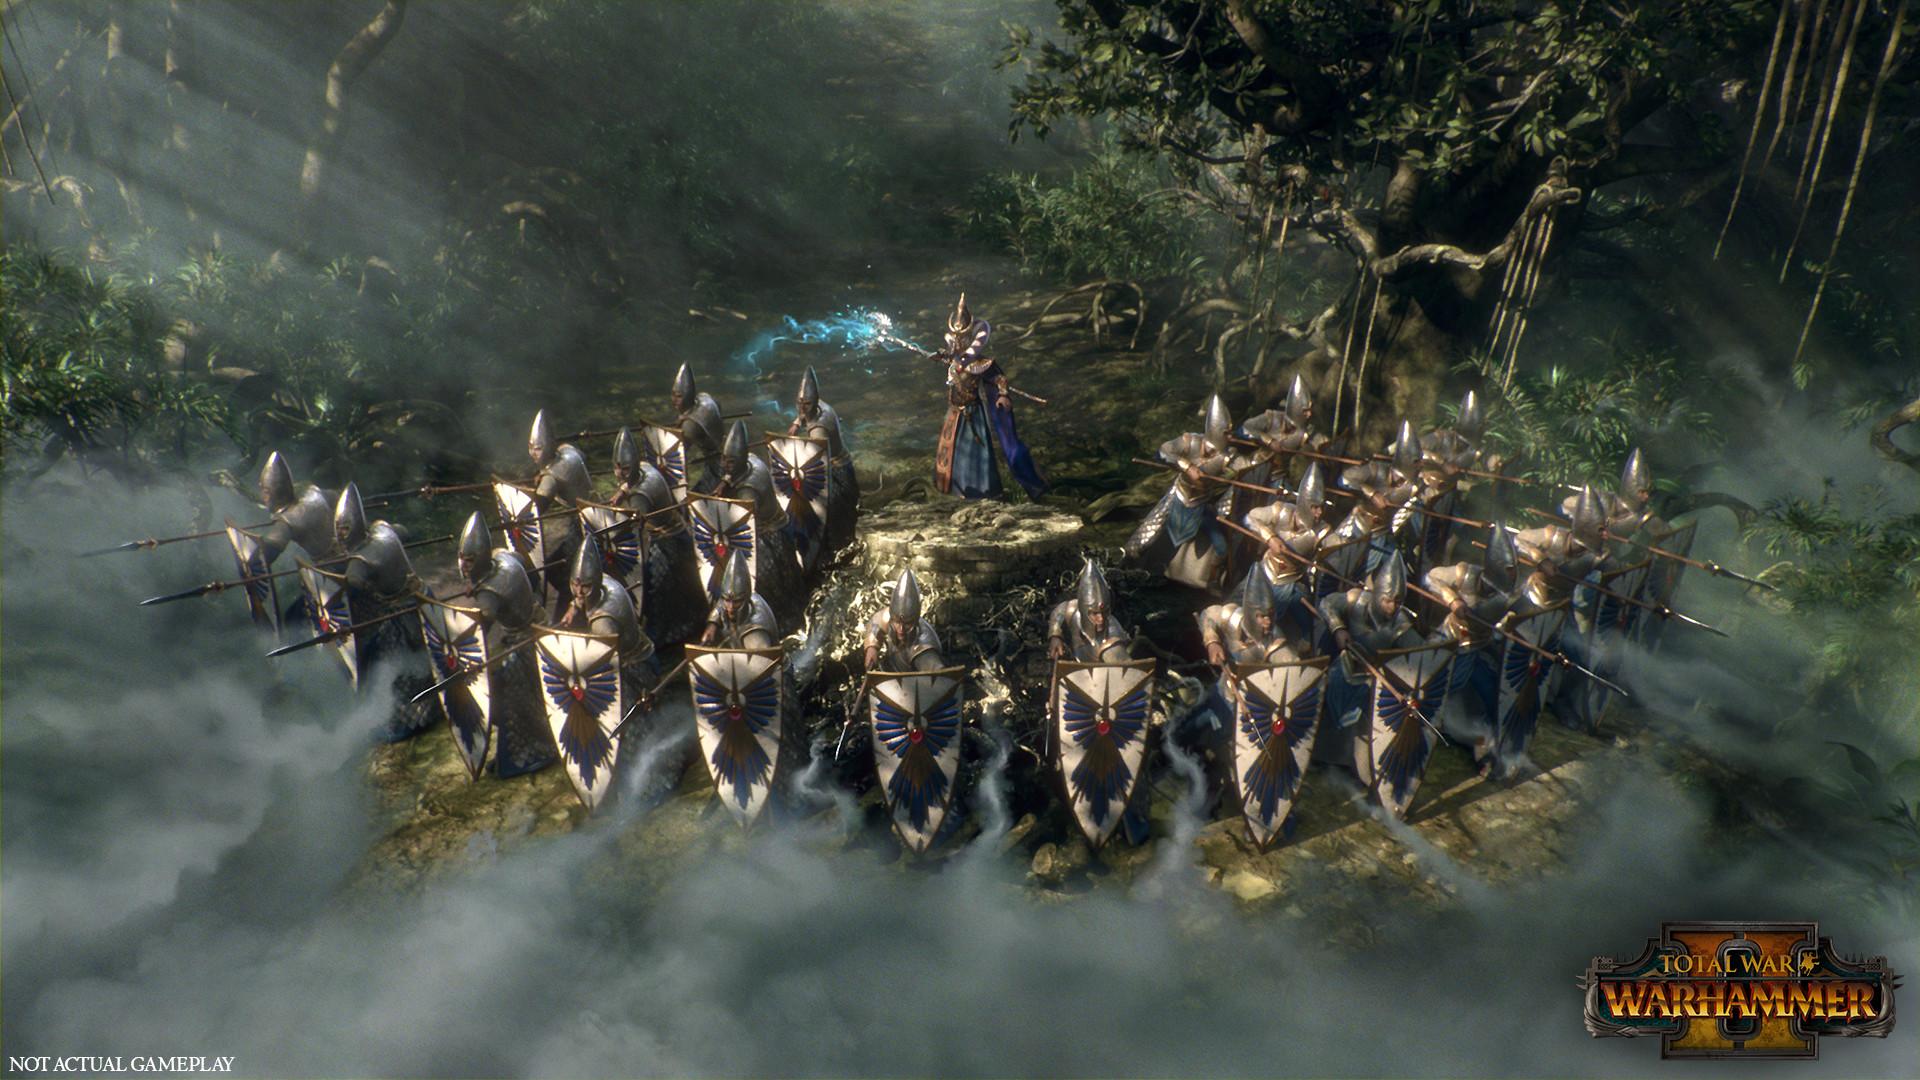 Už koncem roku vyjde Total War: Warhammer 2 141332